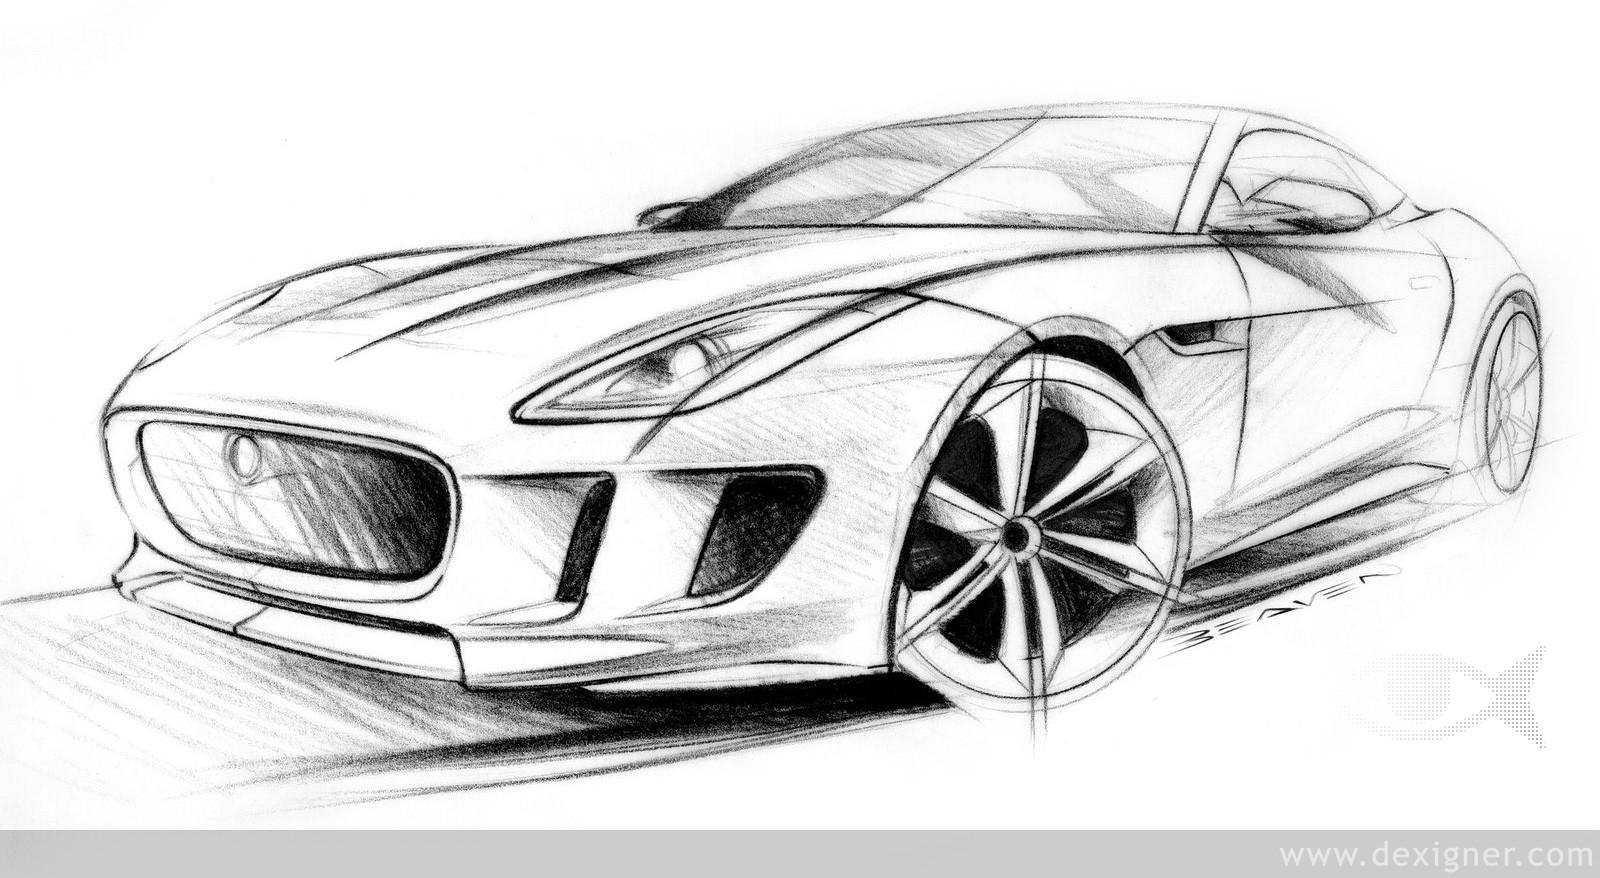 Jaguar_CX16_Concept_10.jpg (1600×878)